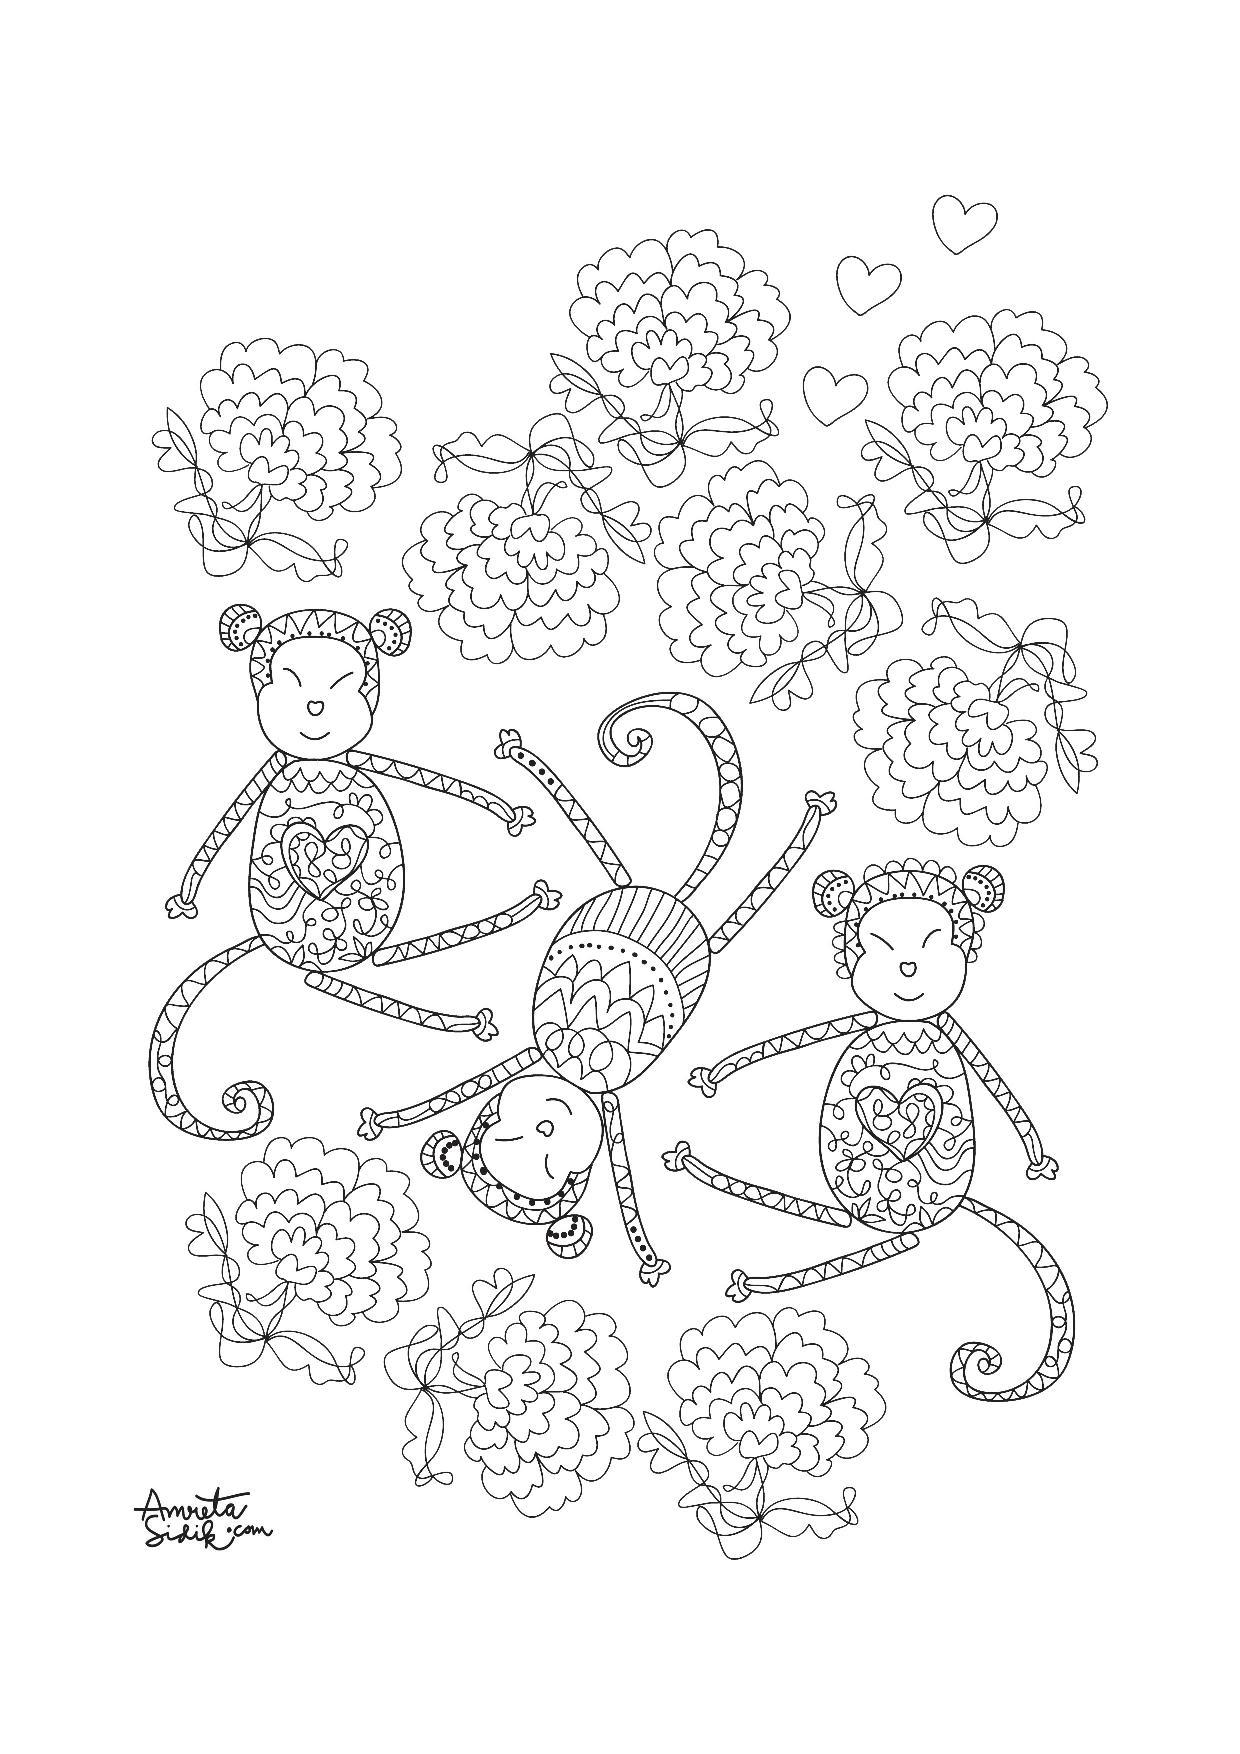 Disegni da colorare per adulti : Anti-stress / Zen - 127